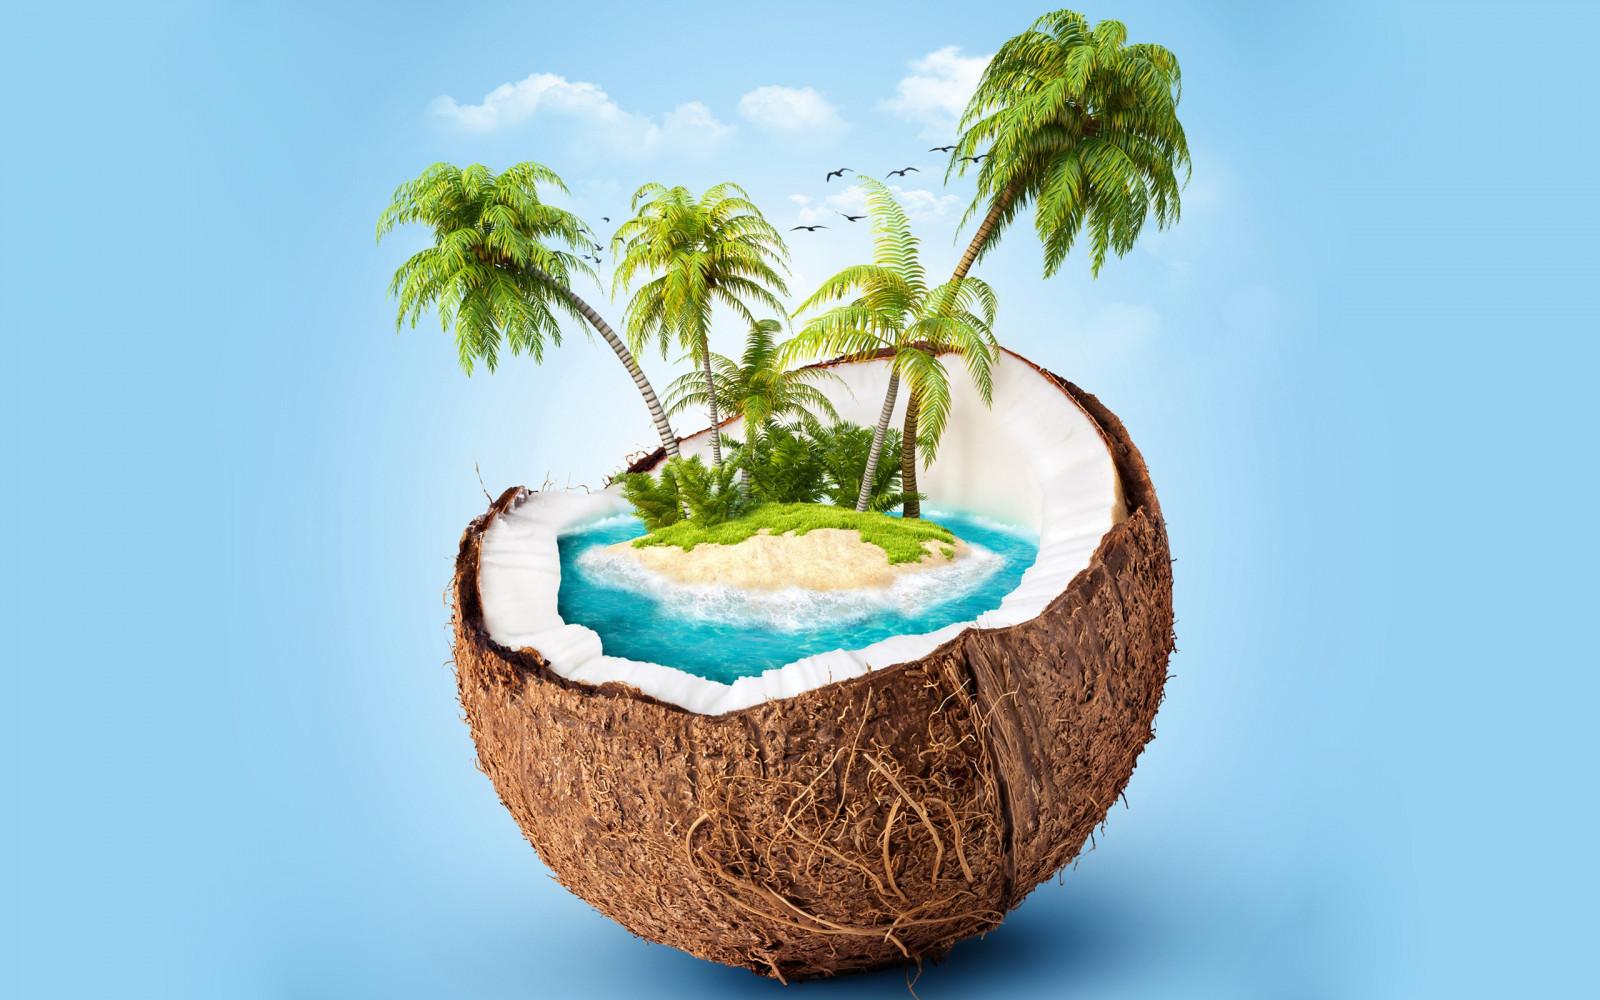 fond d 39 cran rendre fond bleu branche palmiers le pot de fleur cocos arbre feuille. Black Bedroom Furniture Sets. Home Design Ideas